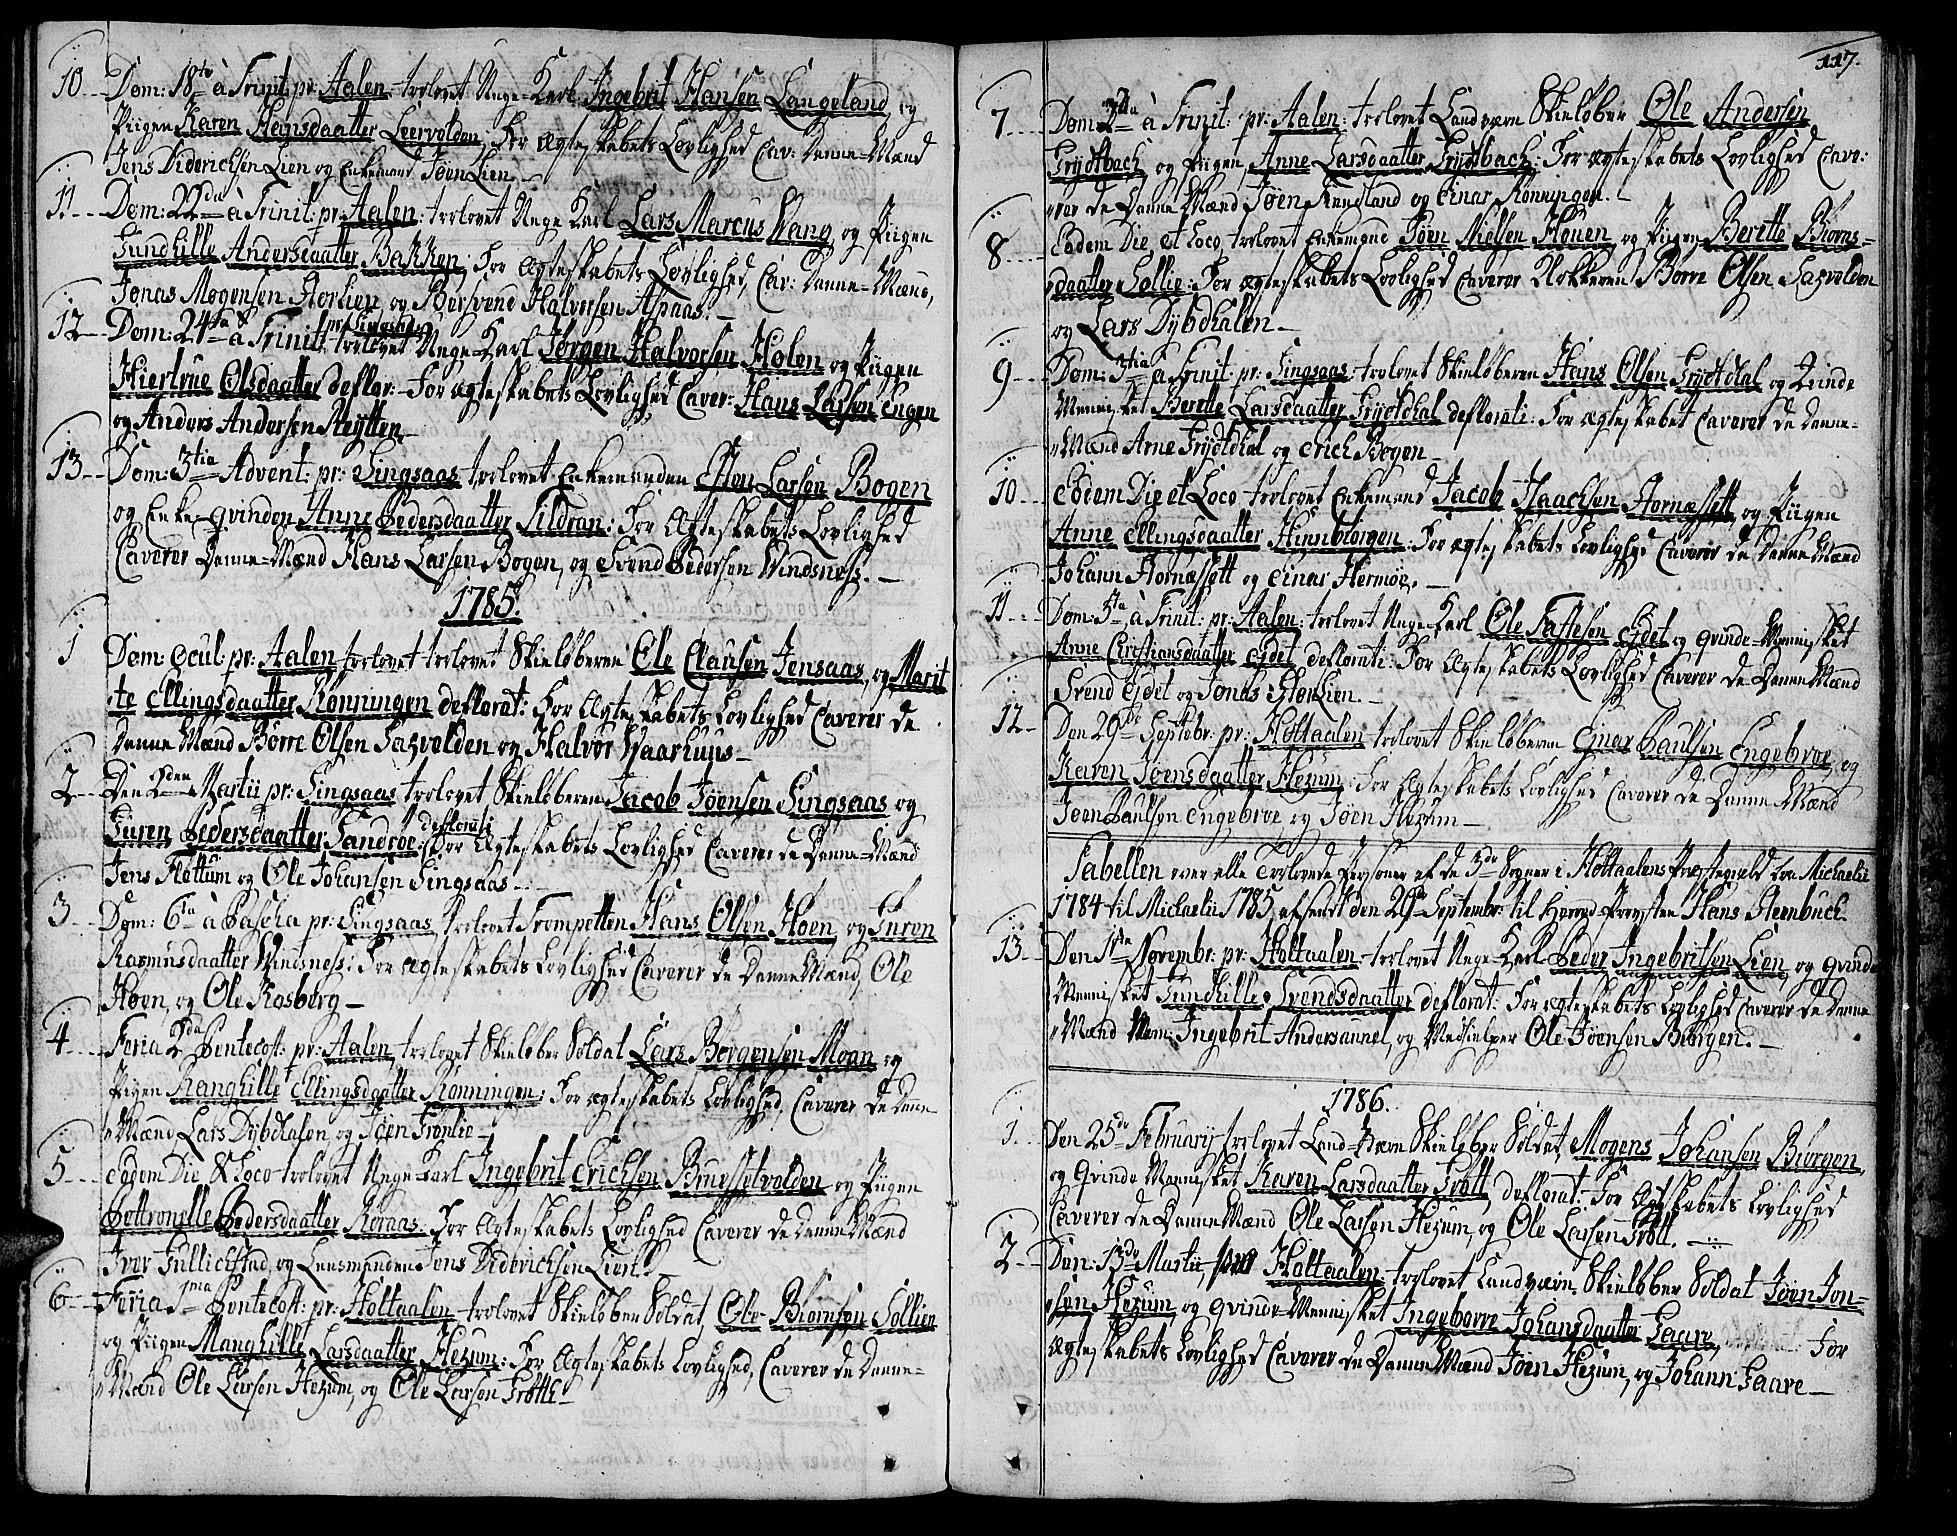 SAT, Ministerialprotokoller, klokkerbøker og fødselsregistre - Sør-Trøndelag, 685/L0952: Ministerialbok nr. 685A01, 1745-1804, s. 117